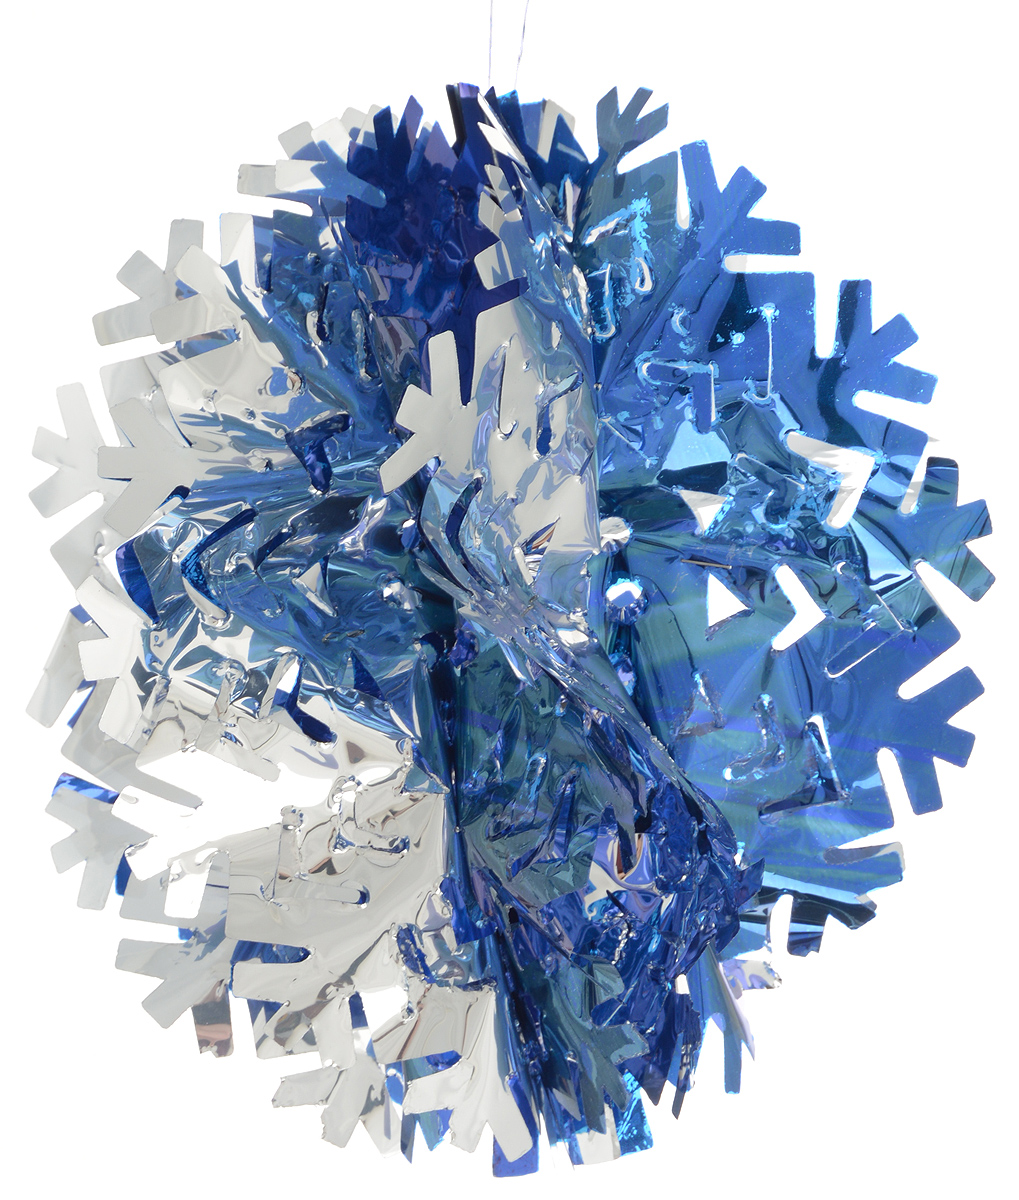 Гирлянда новогодняя Magic Time Снежинка объемная цветная, 20 х 10 см30962Новогодняя гирлянда Magic Time Снежинка объемная цветная прекрасно подойдет для декора дома и праздничной елки. Украшение выполнено из ПЭТ. С помощью специальной петельки гирлянду можно повесить в любом понравившемся вам месте. Легко складывается и раскладывается.Новогодние украшения несут в себе волшебство и красоту праздника. Они помогут вам украсить дом к предстоящим праздникам и оживить интерьер по вашему вкусу. Создайте в доме атмосферу тепла, веселья и радости, украшая его всей семьей.